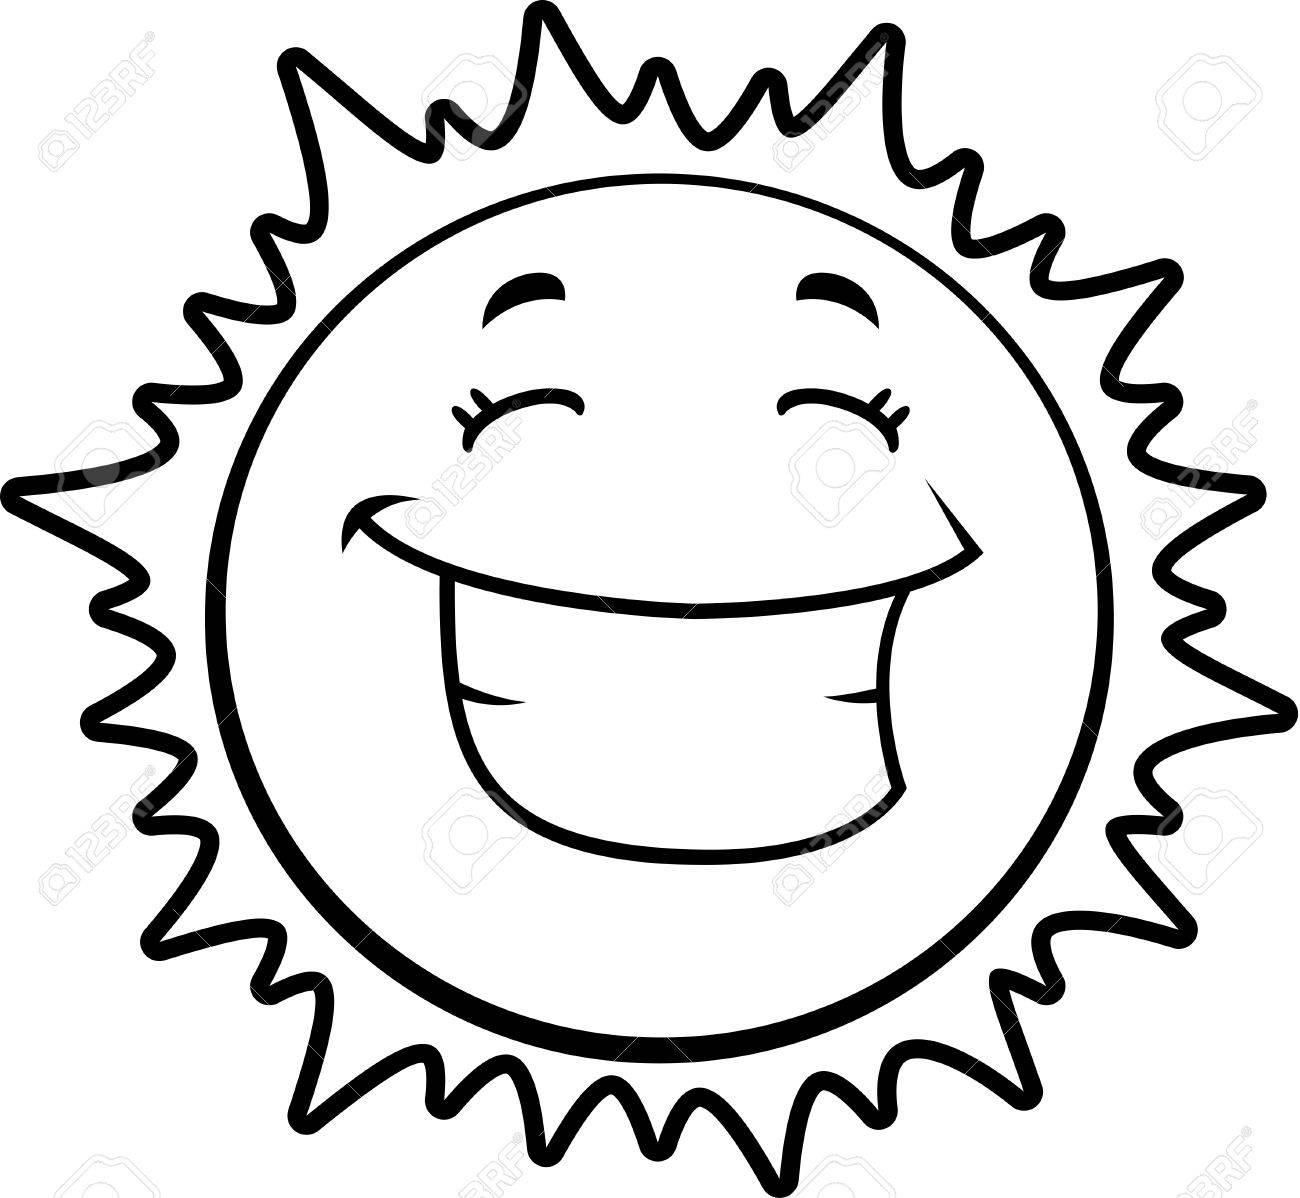 Smiling Sun Drawing At Getdrawings